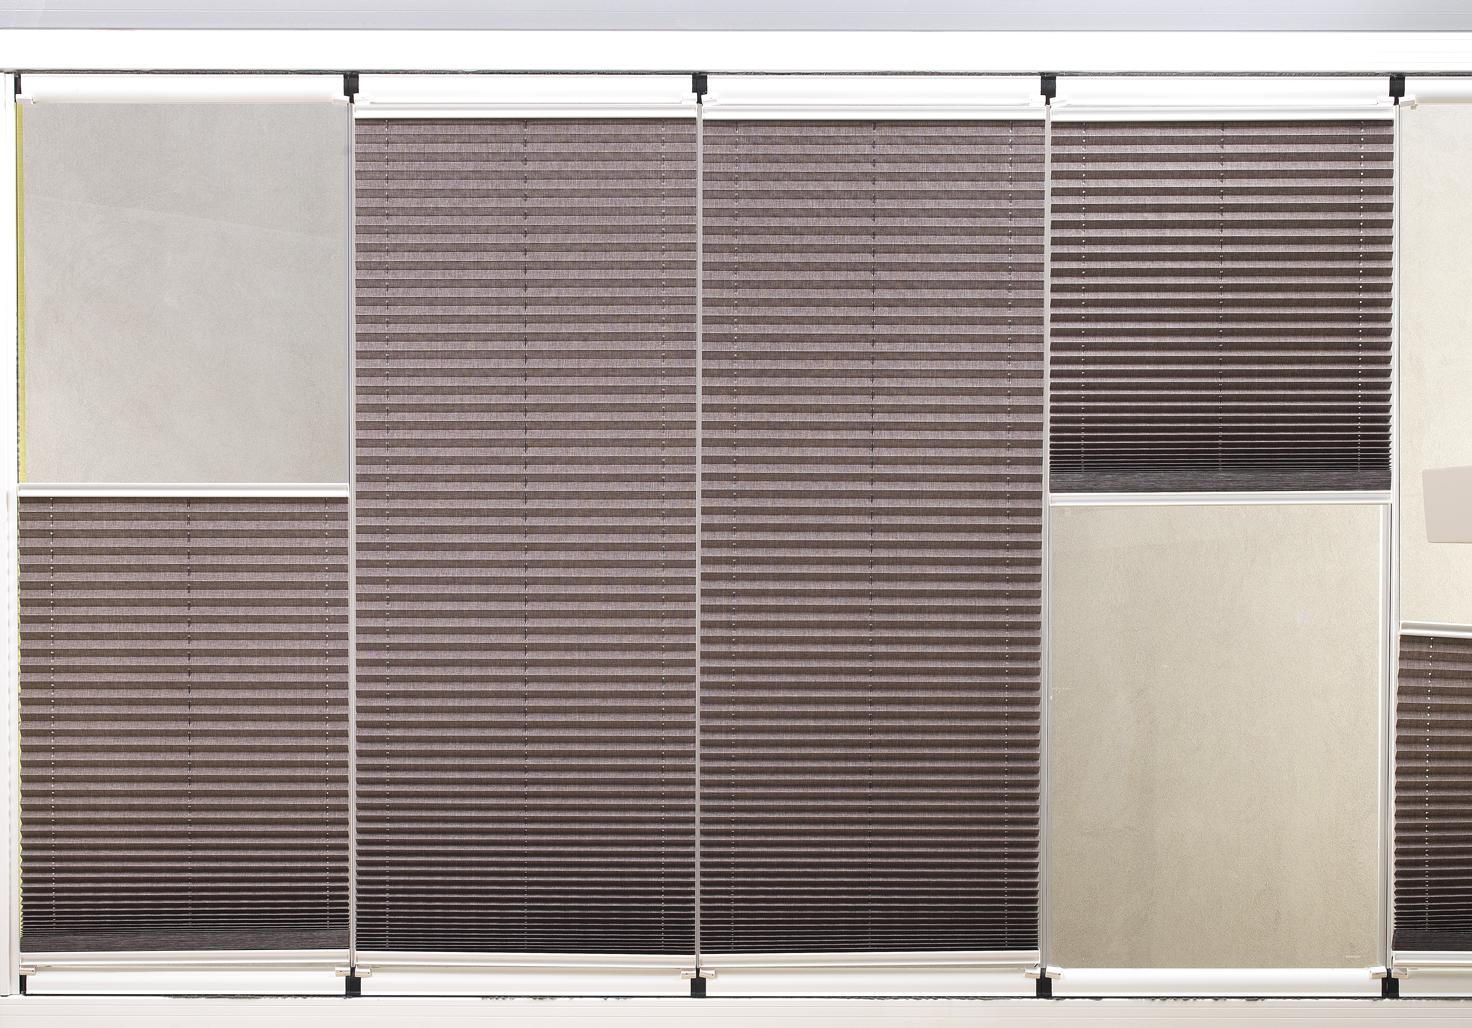 Pencere kanatlarının açılıp kapatılması engellemeyecek, cama sabit olan özel olarak balkon pencereleri için tasarlanan cam balkon perdesi plise perdeler ihtiyacı karşılamaktadır.